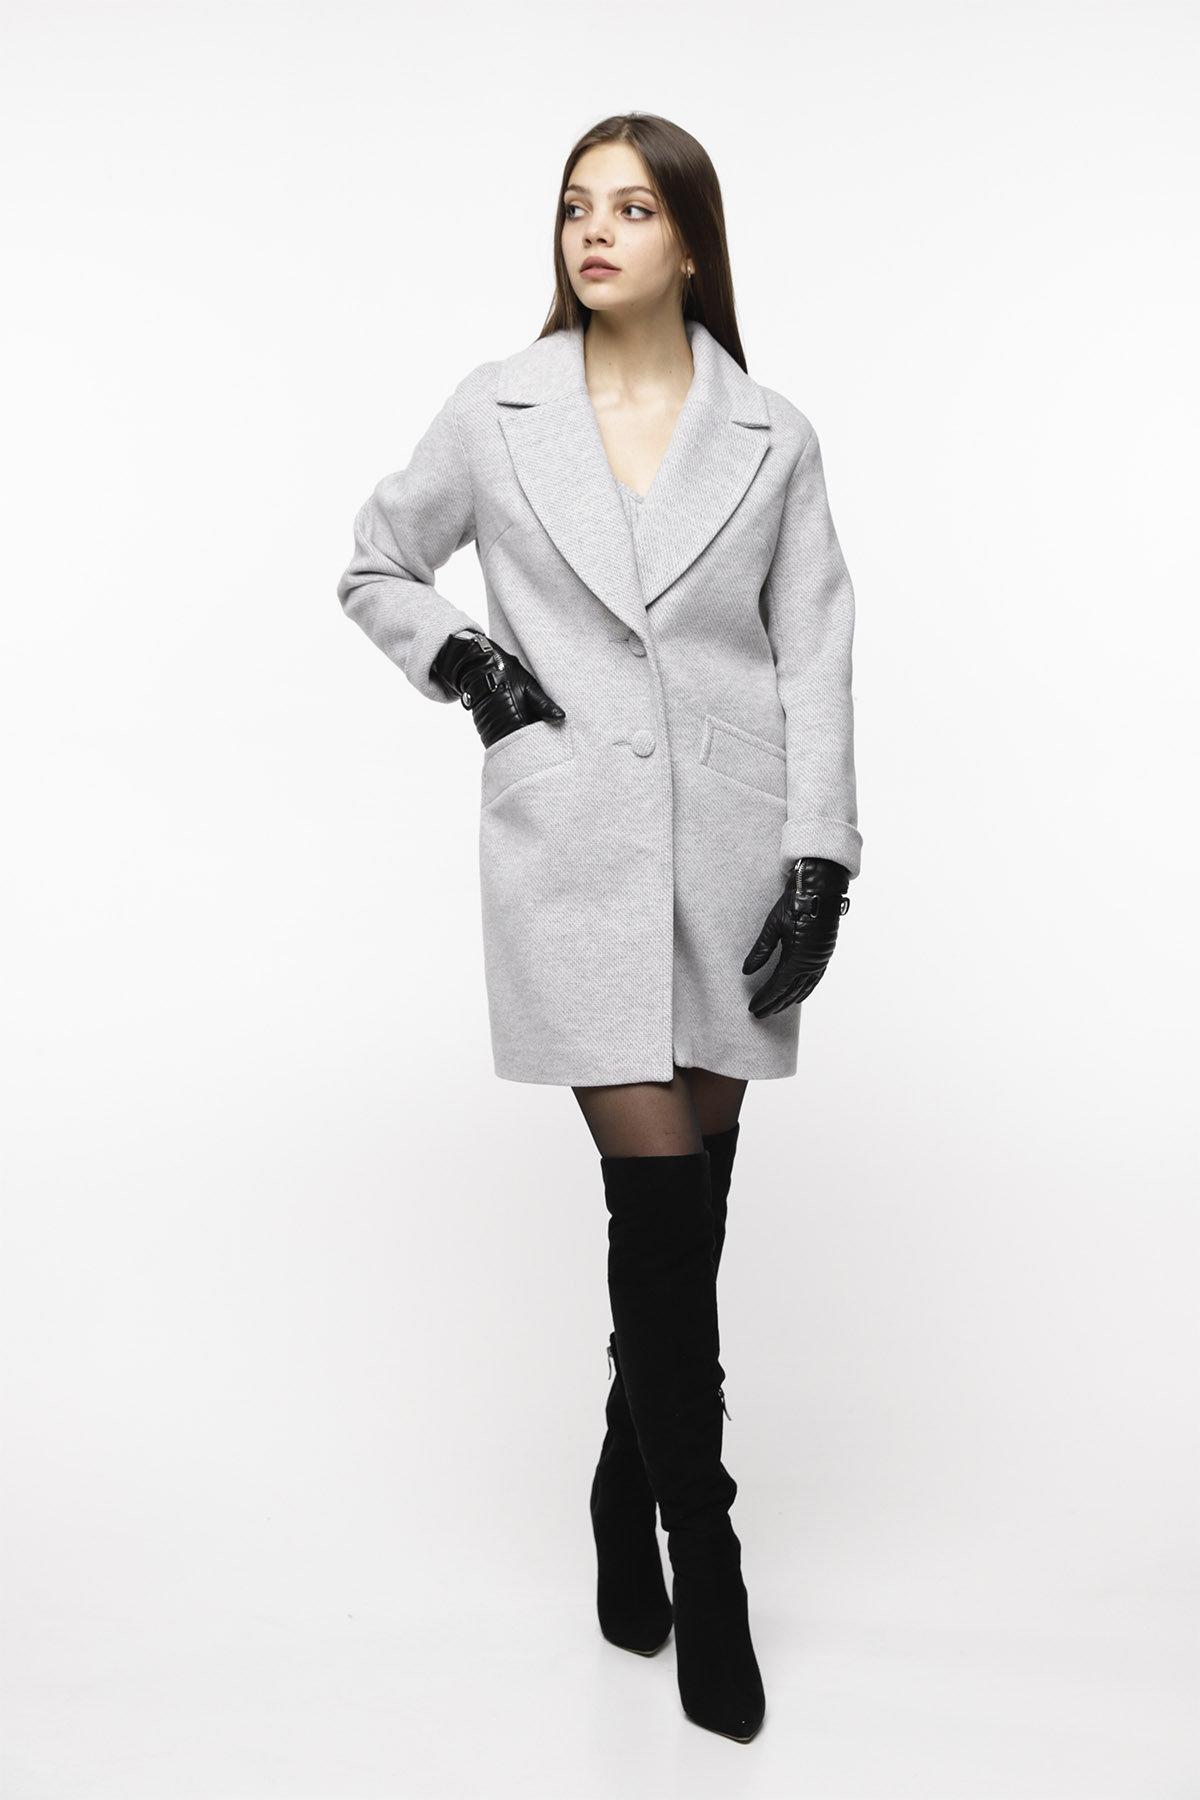 Кашемировое пальто Вейсона 8803 АРТ. 45140 Цвет: Светло серый - фото 5, интернет магазин tm-modus.ru